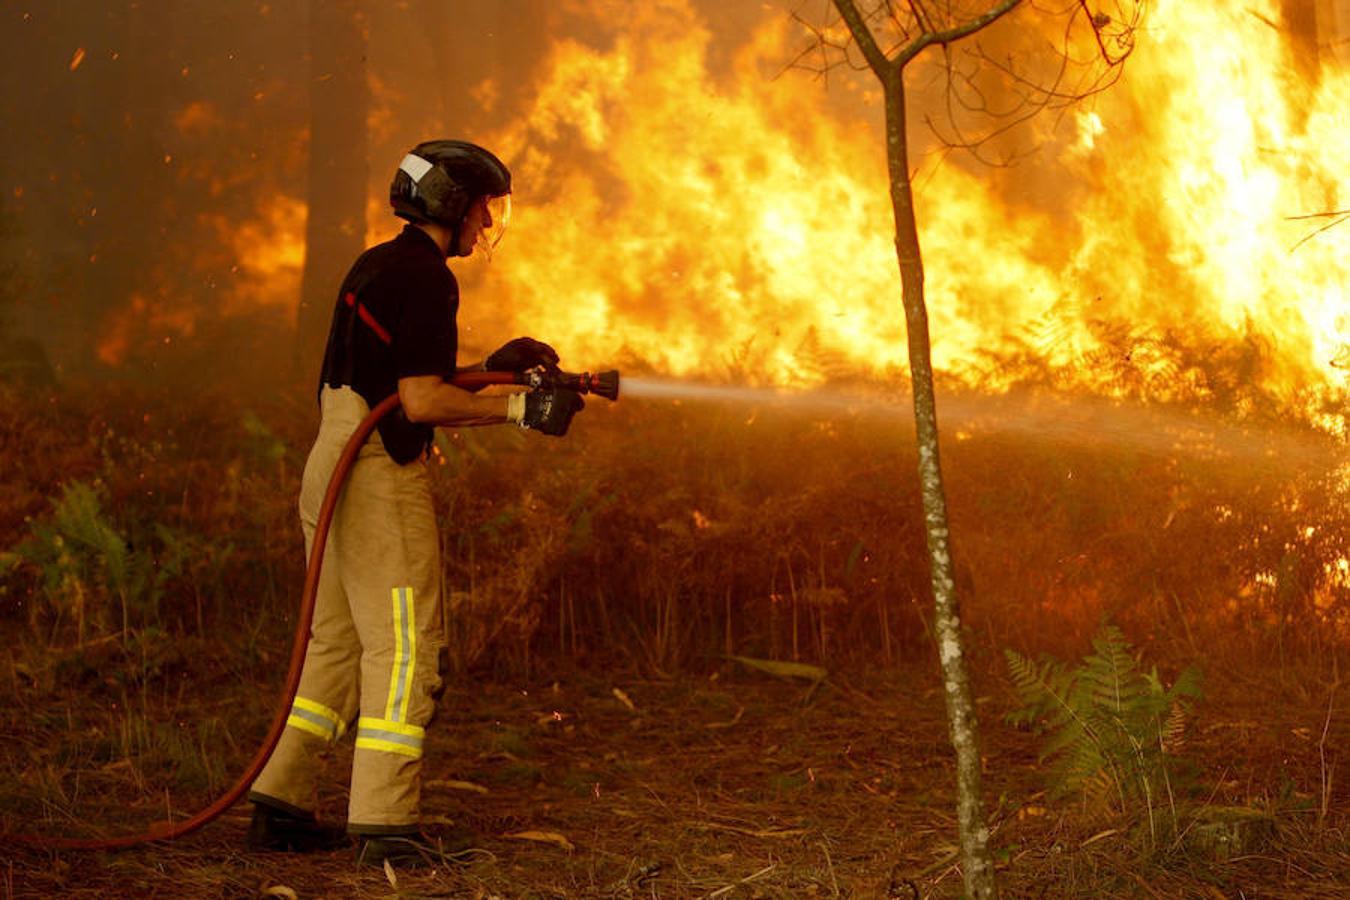 Más de 80 incendios cercan Galicia y fuerzan el desalojo de poblaciones